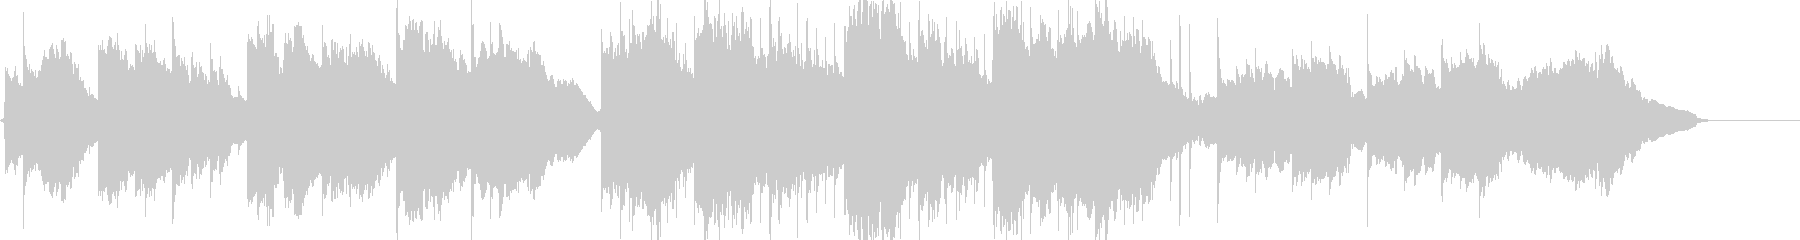 生演奏ソプラノサックスの子守唄の未再生の波形